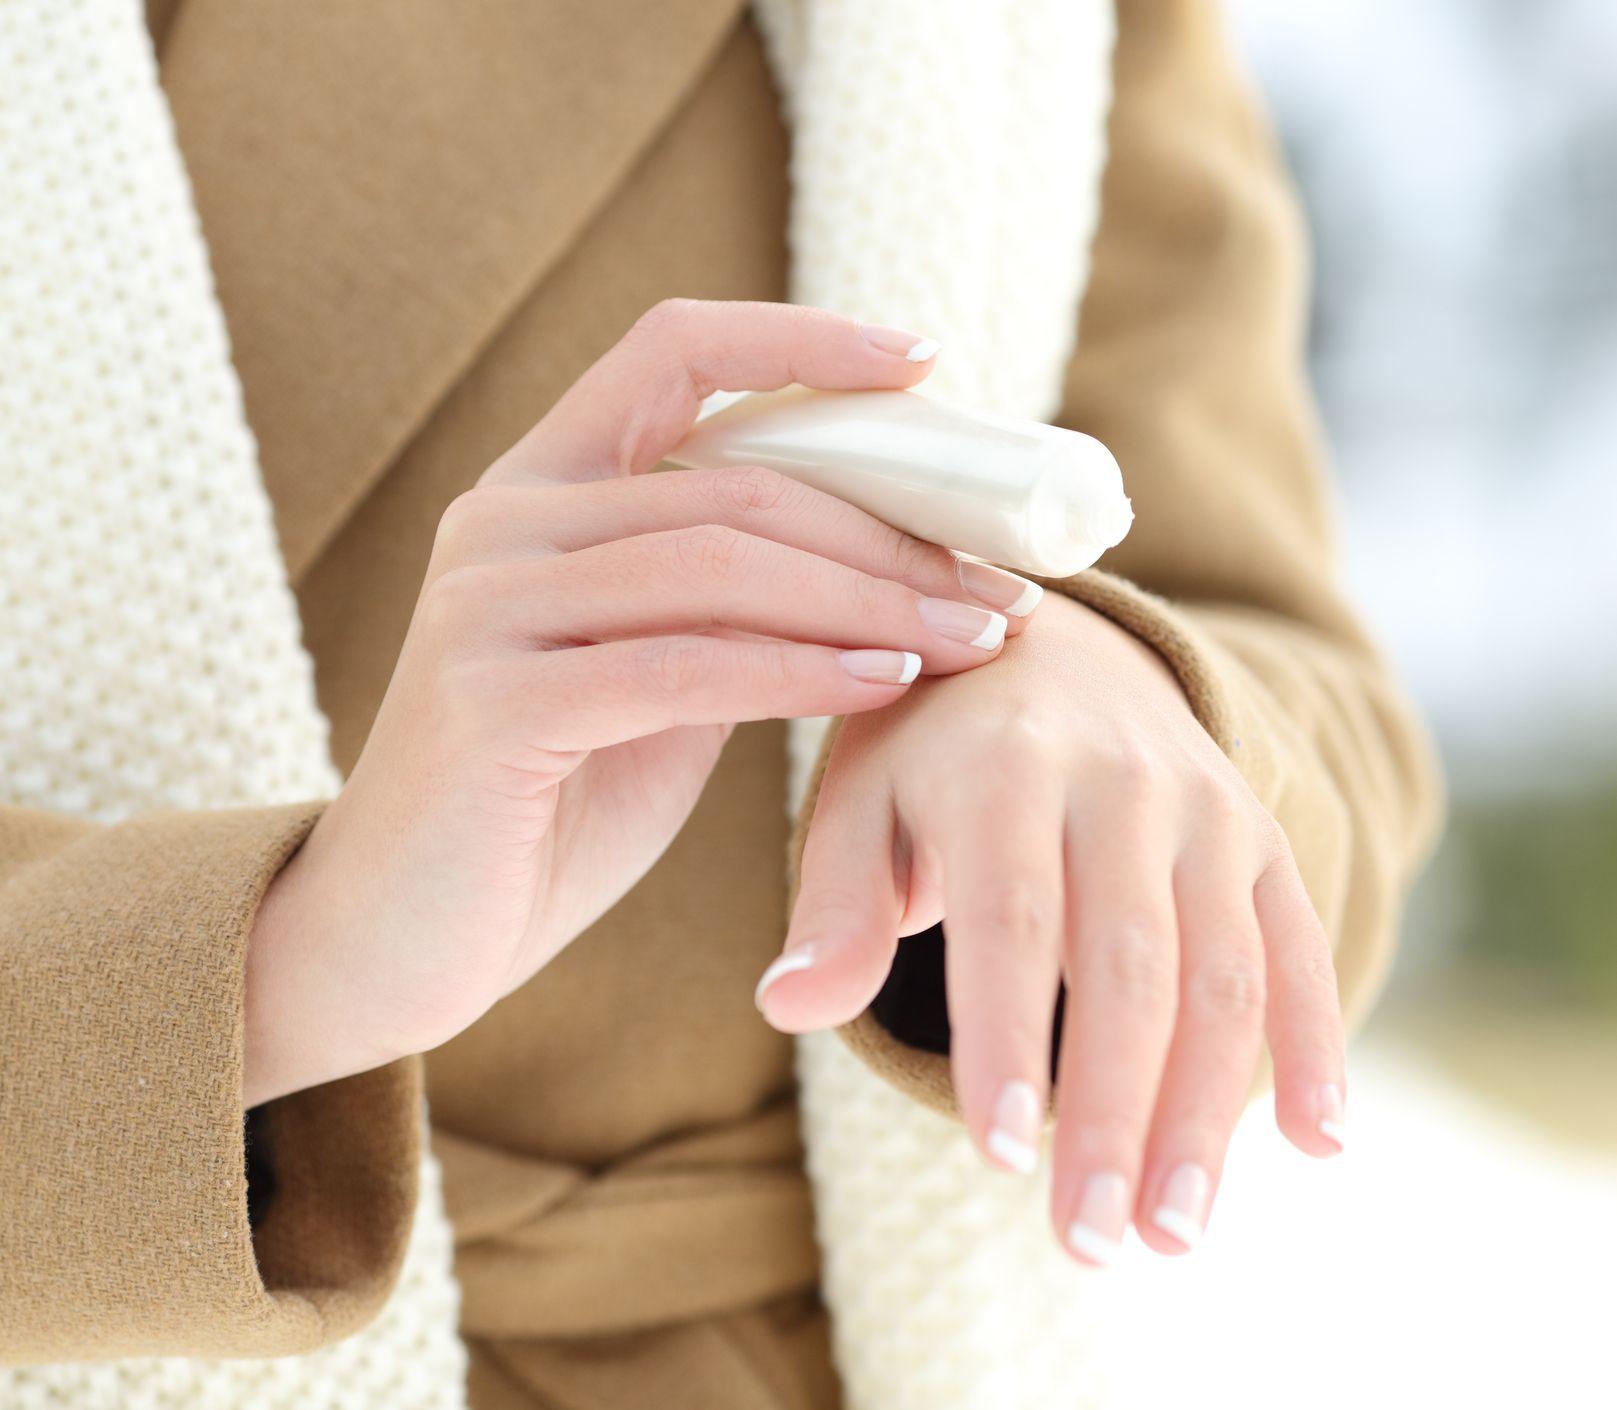 Suchá pokožka na rukách: Porazte chlad a prinavráťte jej stratený pôvab